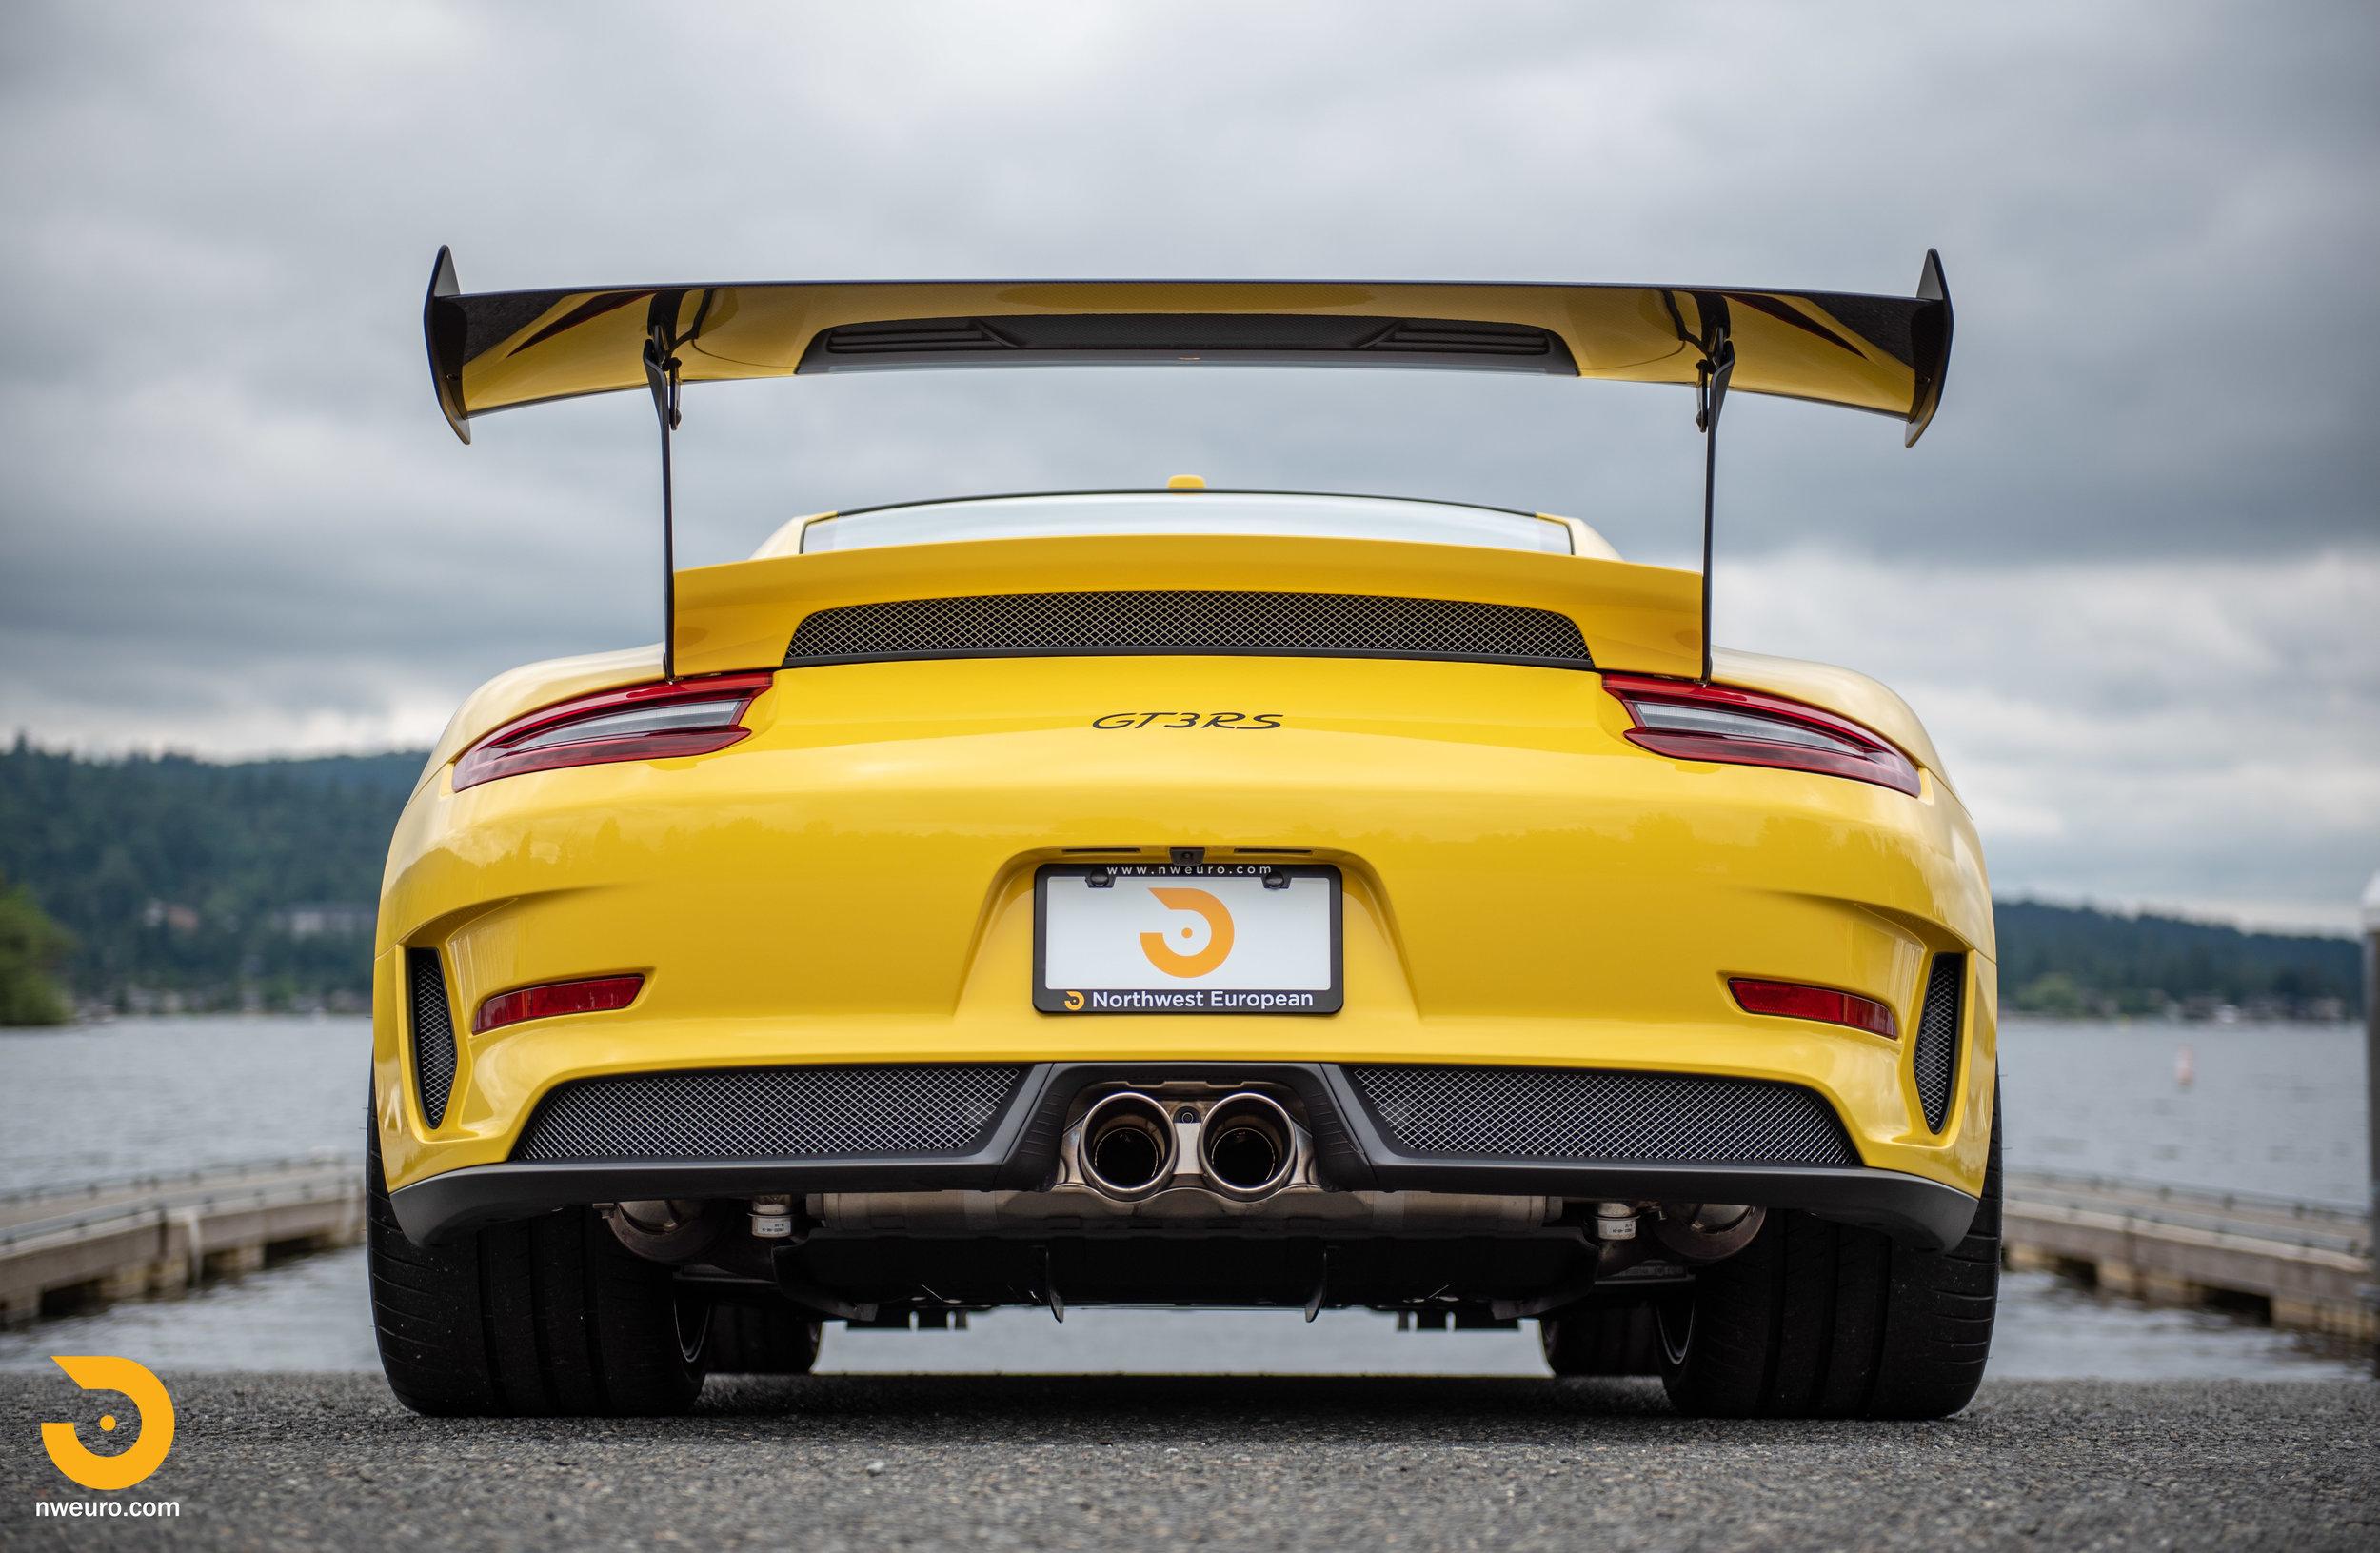 2019 Porsche GT3 RS-26.jpg